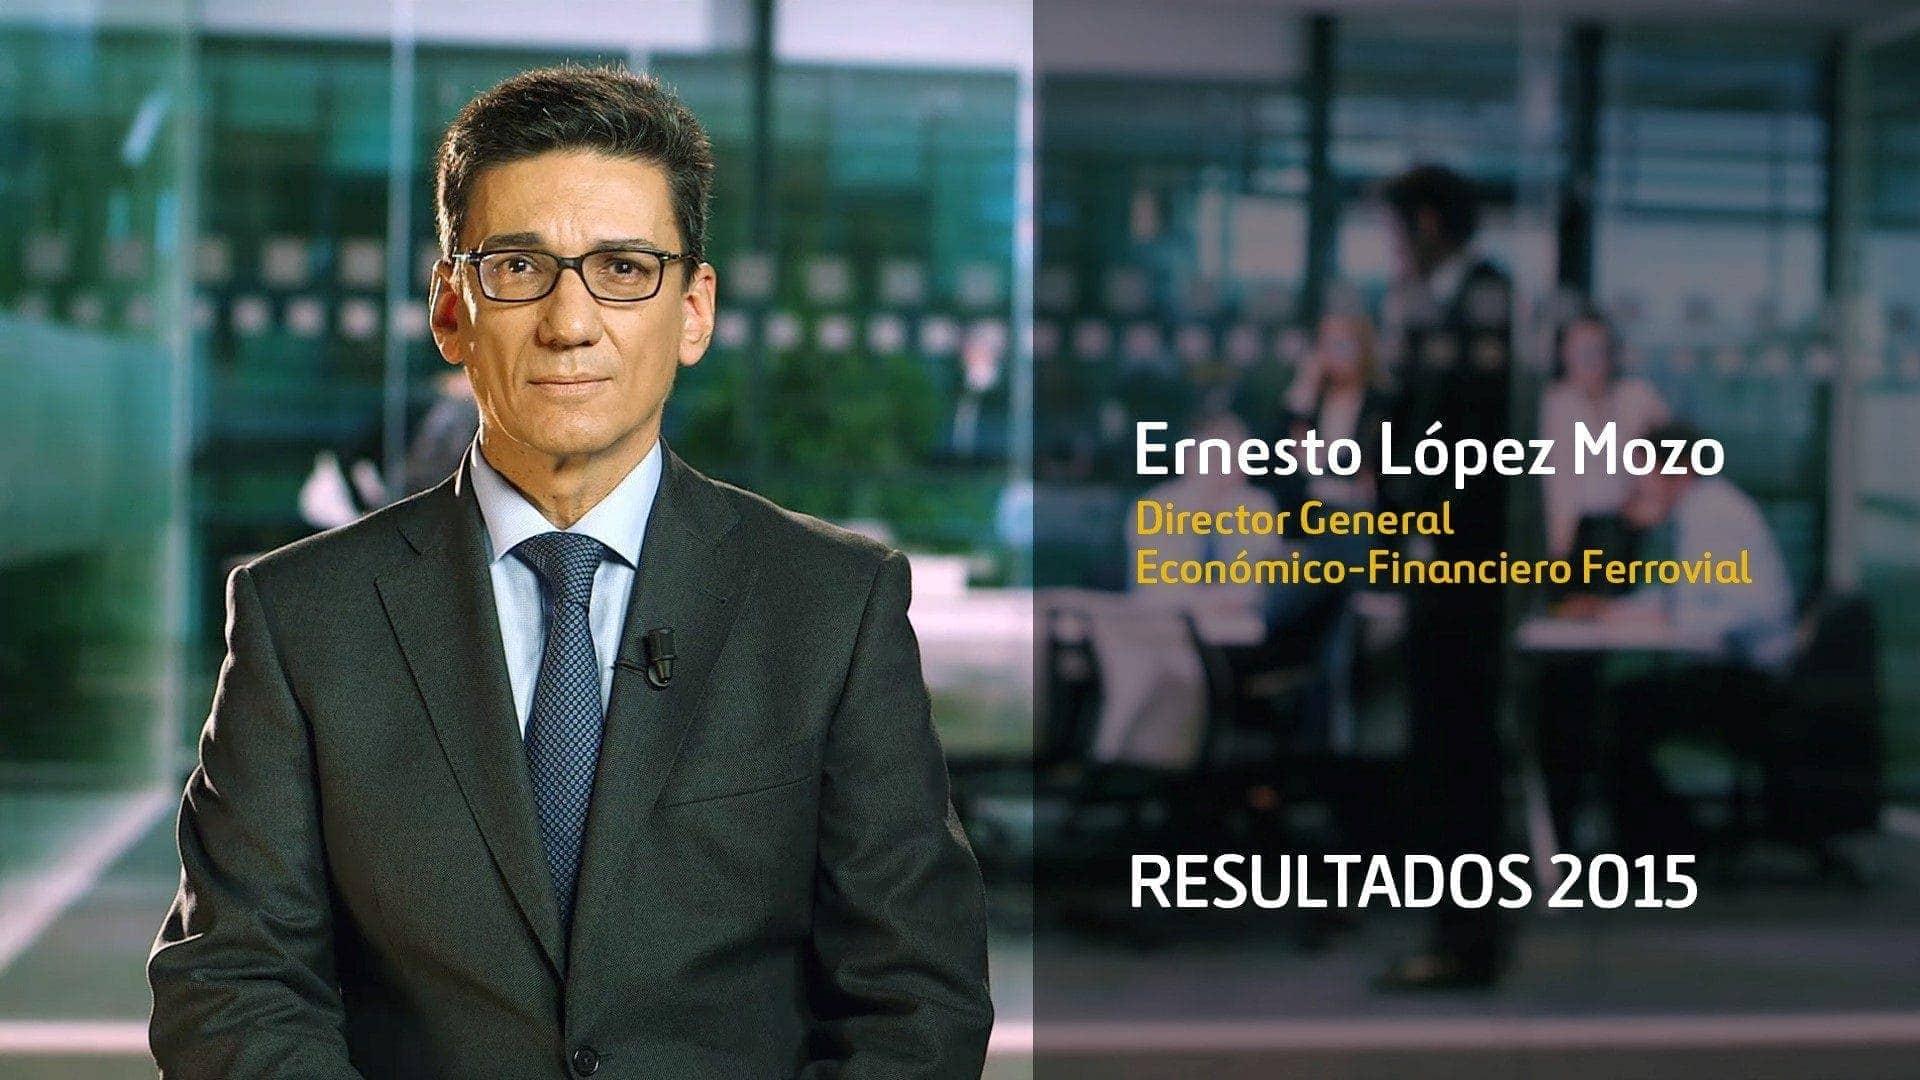 Ernesto López Mozo CFO Ferrovial resultados 2015